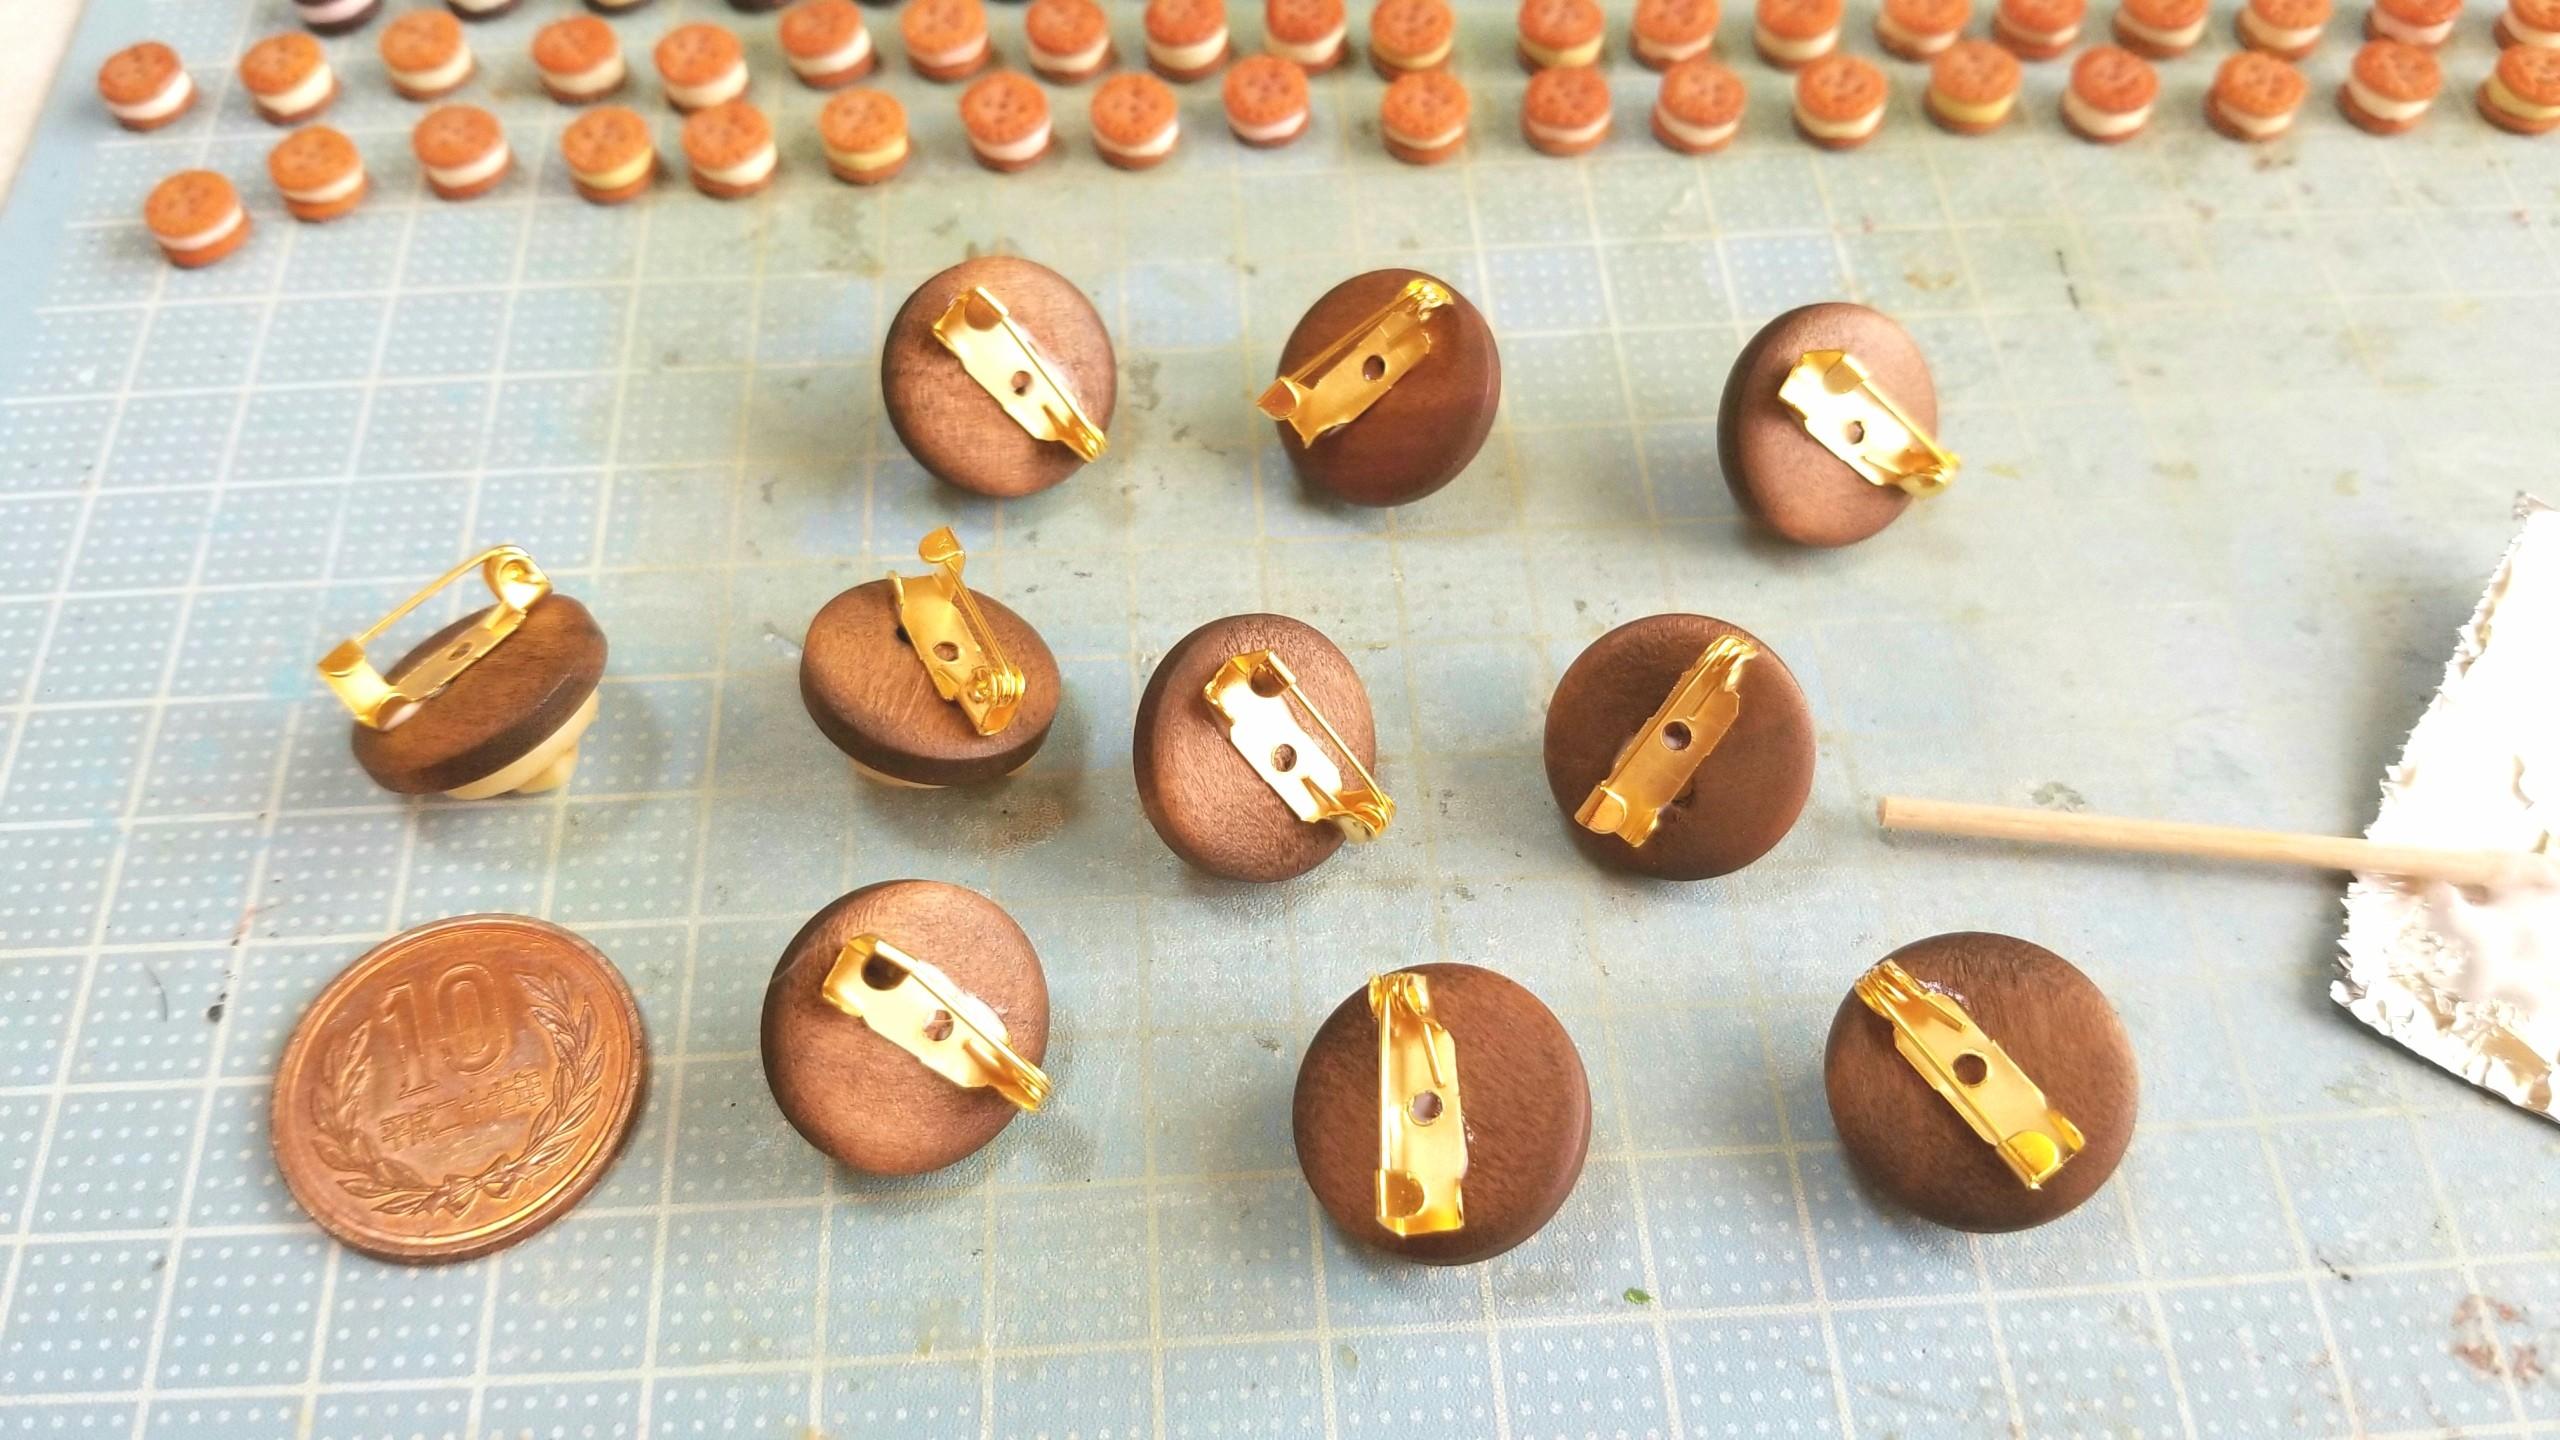 ブローチ,アクセサリー,作り方,ミニチュアフード,樹脂粘土,可愛い